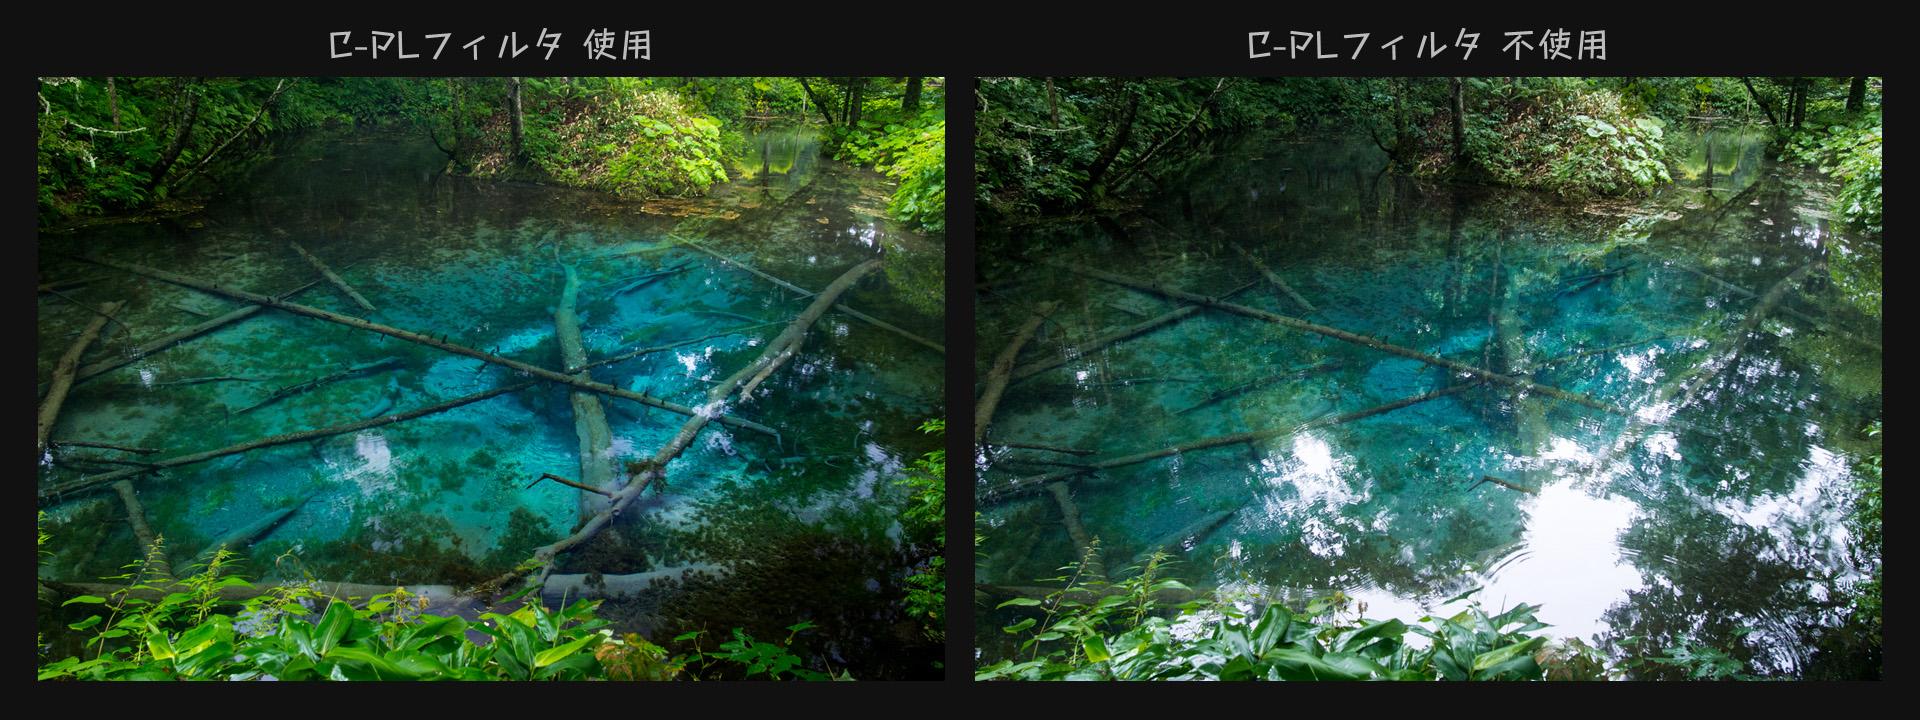 kaminoko_3.jpg